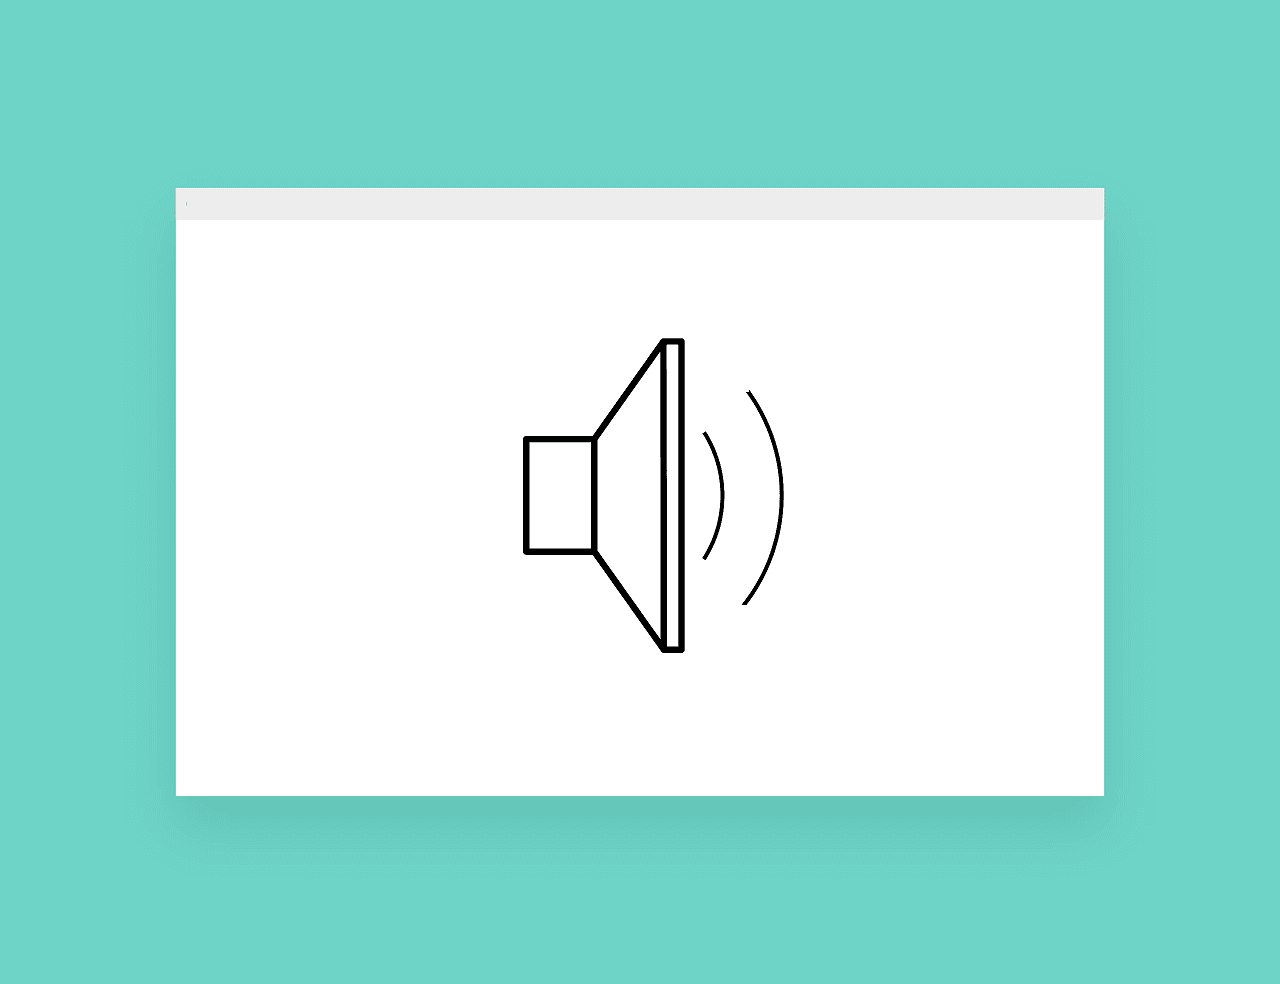 no audio output on pc